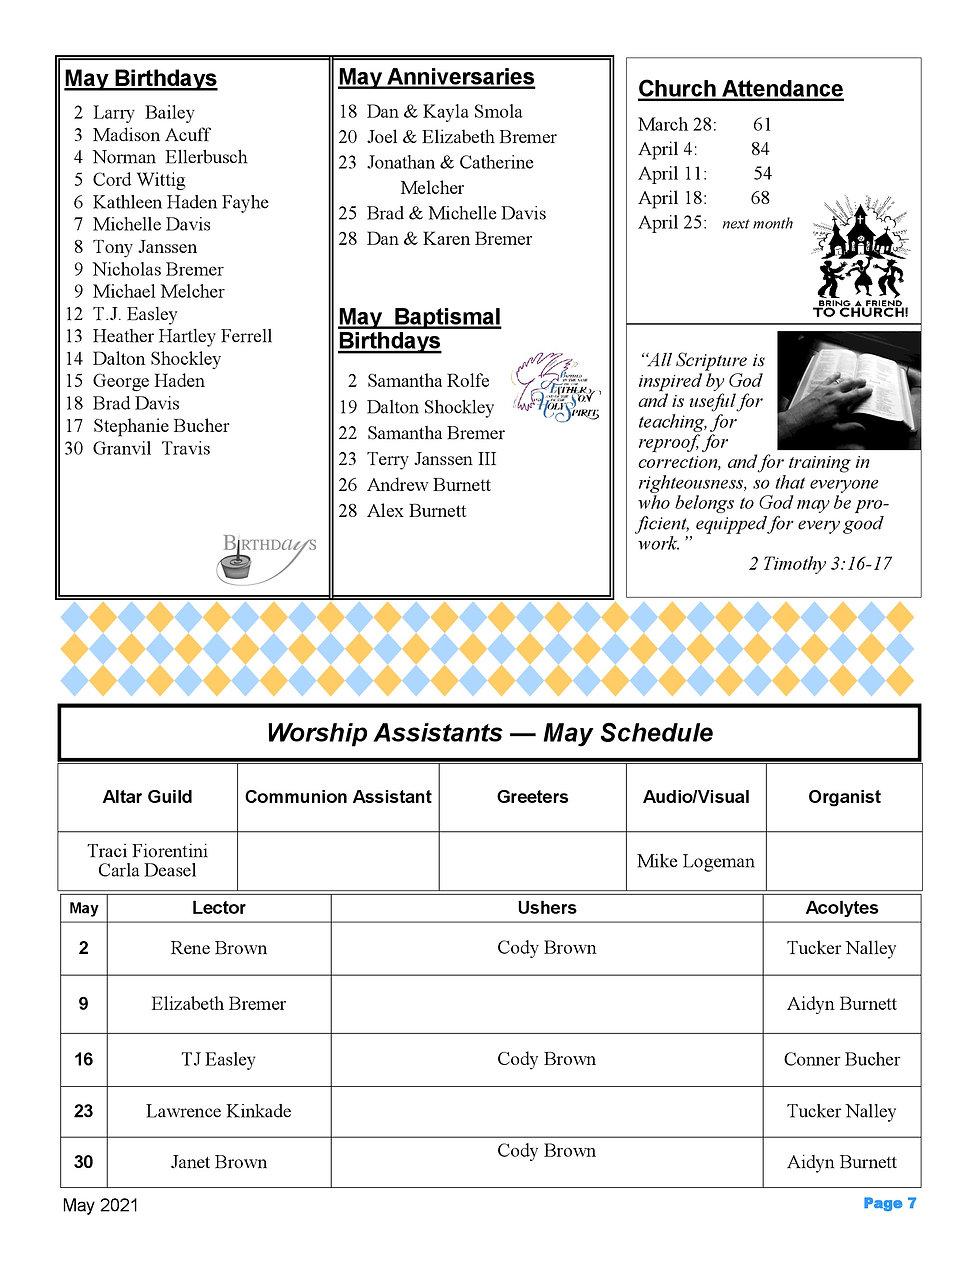 May Page 5.jpg